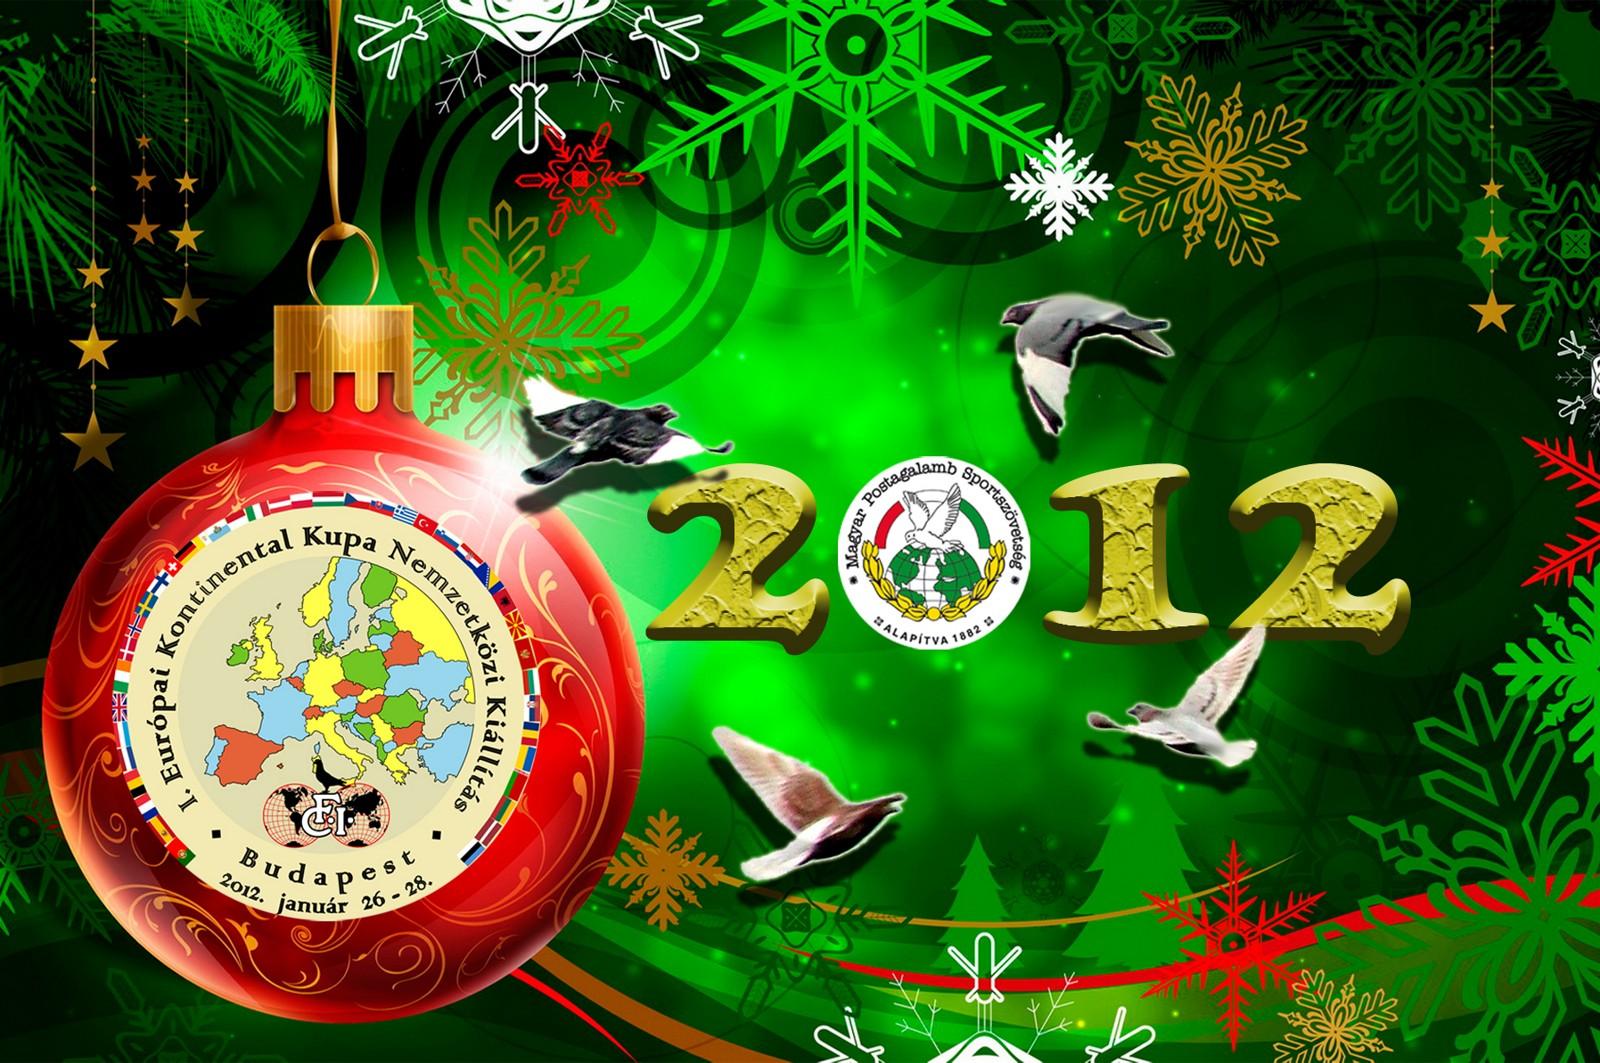 Békés karácsonyt, boldog új évet!